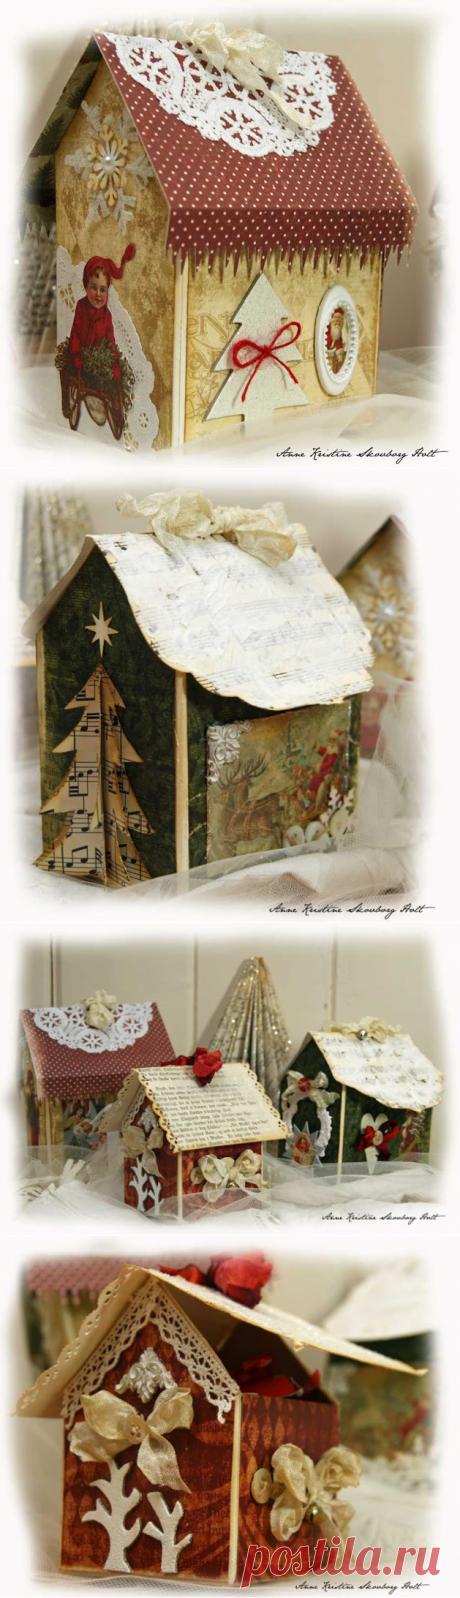 Рождественский домик из упаковки из под молока, МК